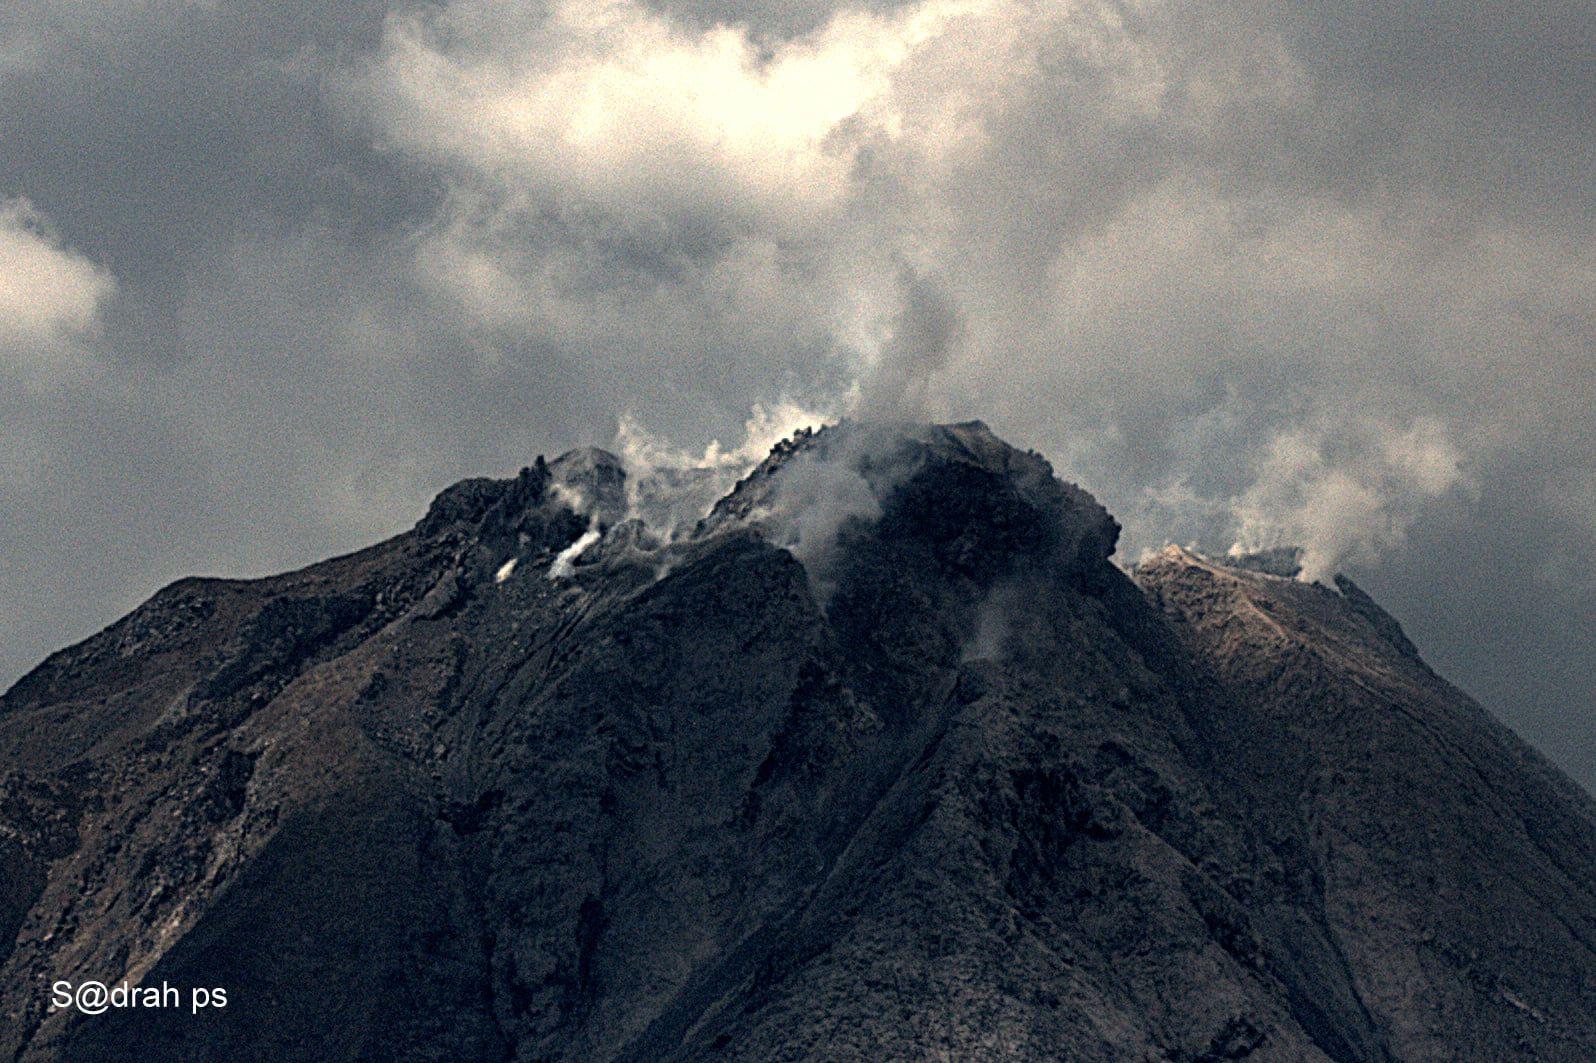 Sinabung summit - photo Sadrah Peranginangin 02.13.2021